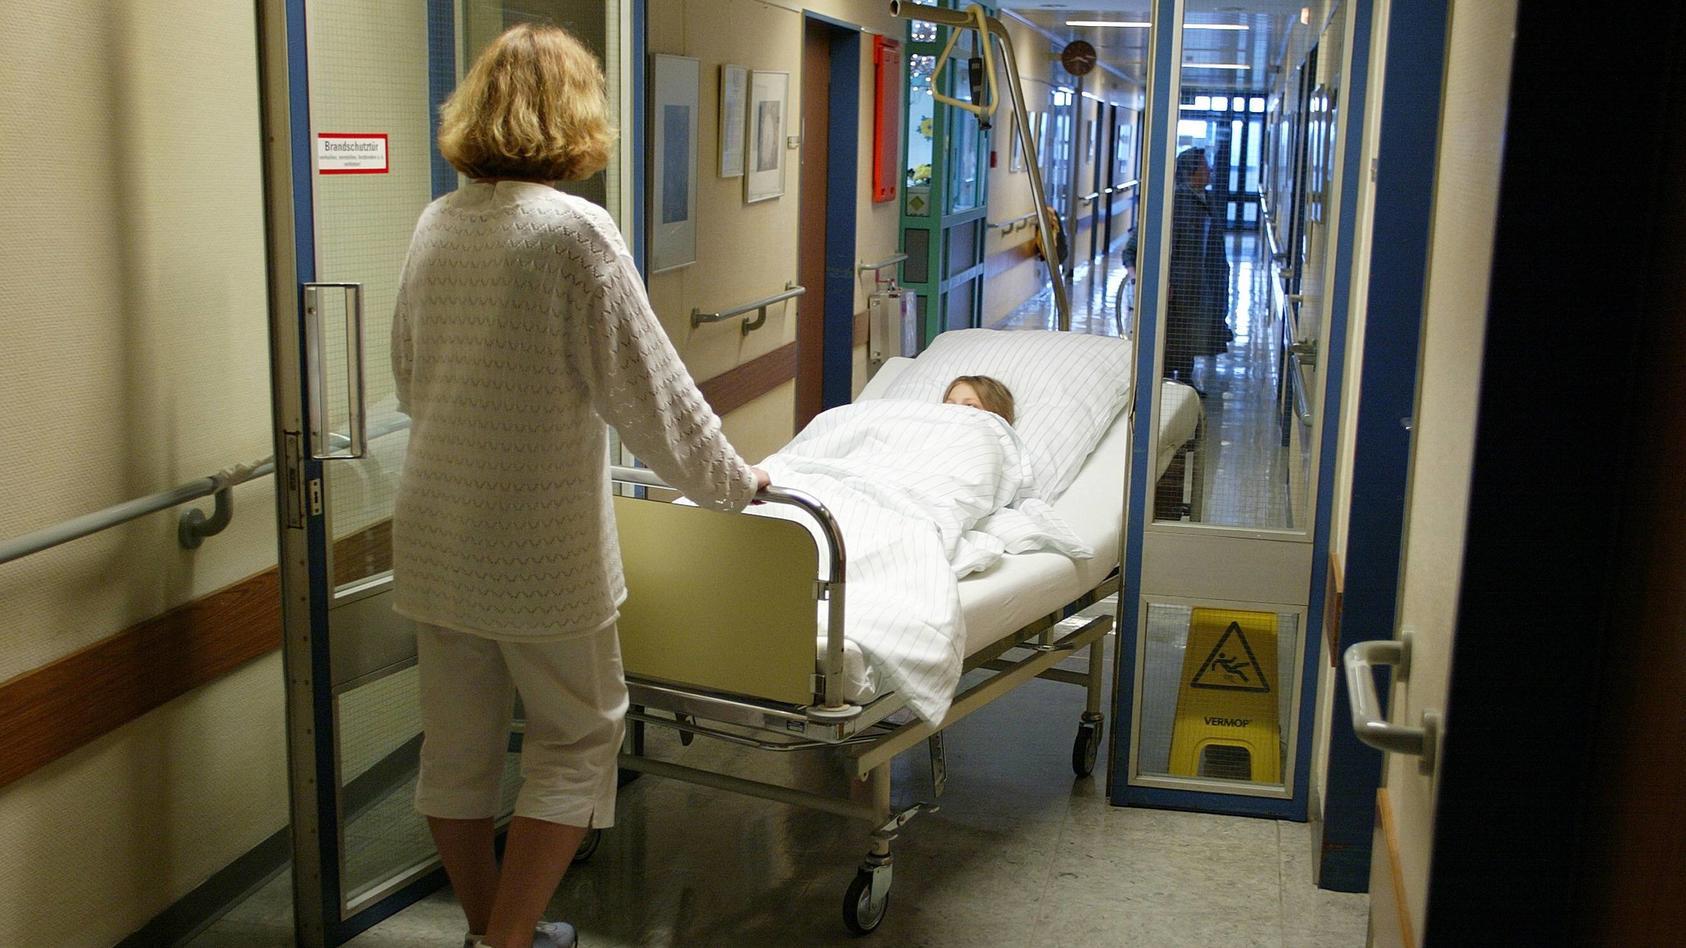 Thema Gesundheitspolitik Krankenhaus Krankenschwester schiebt eine Patientin im Bett Berlin